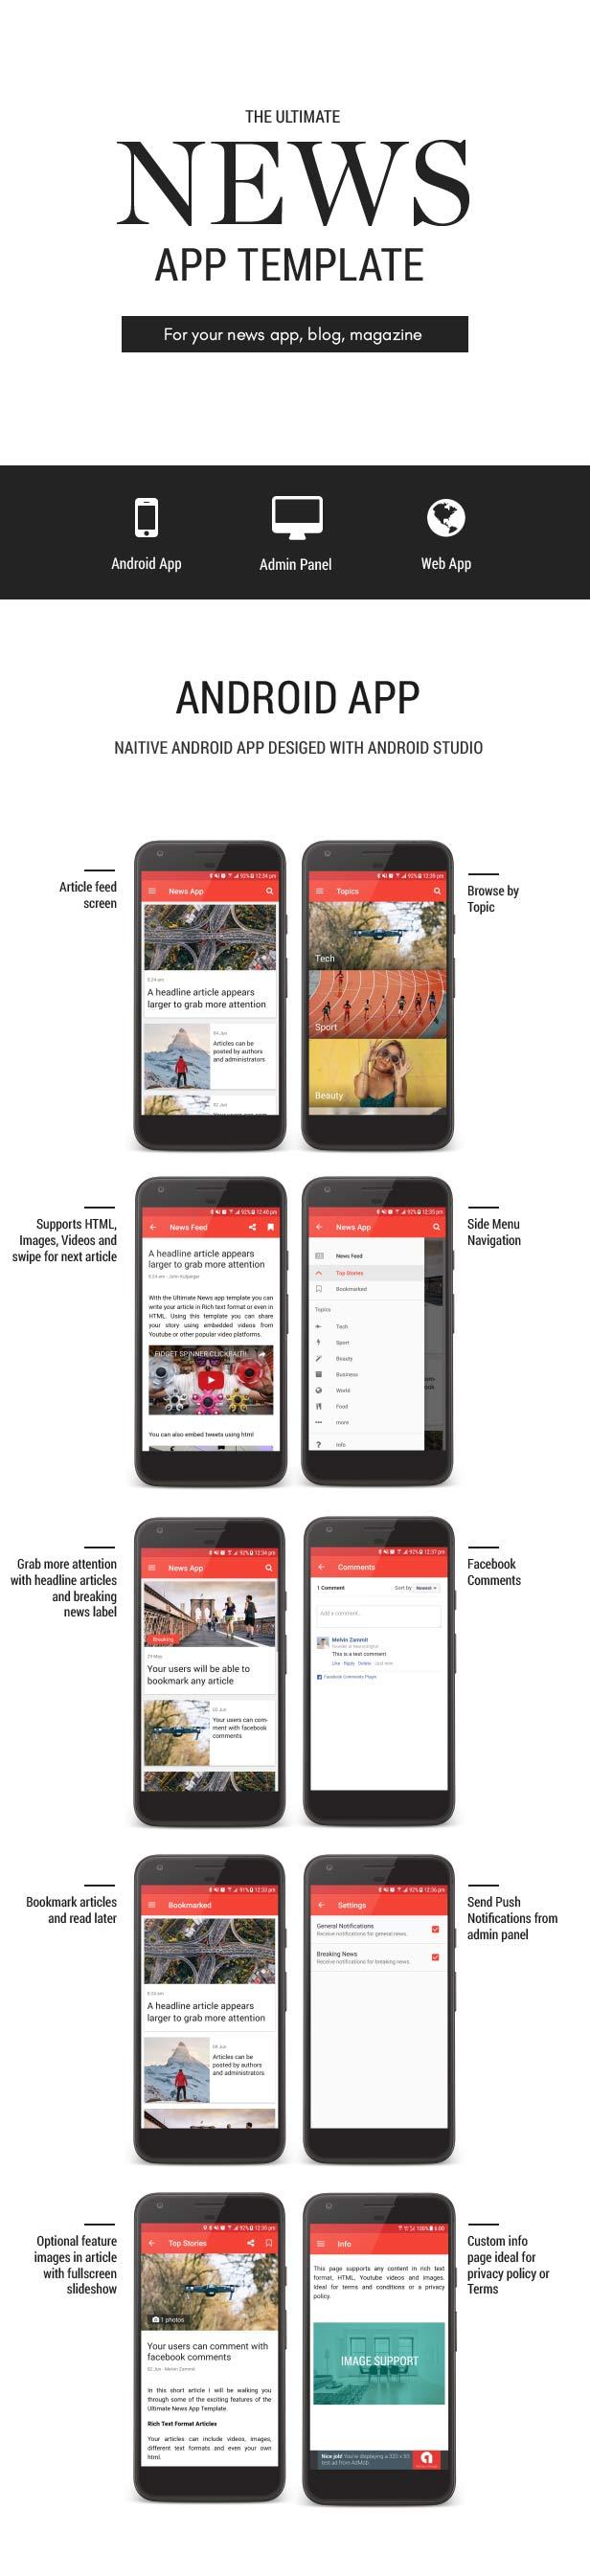 Templat Aplikasi Berita Utama - 5